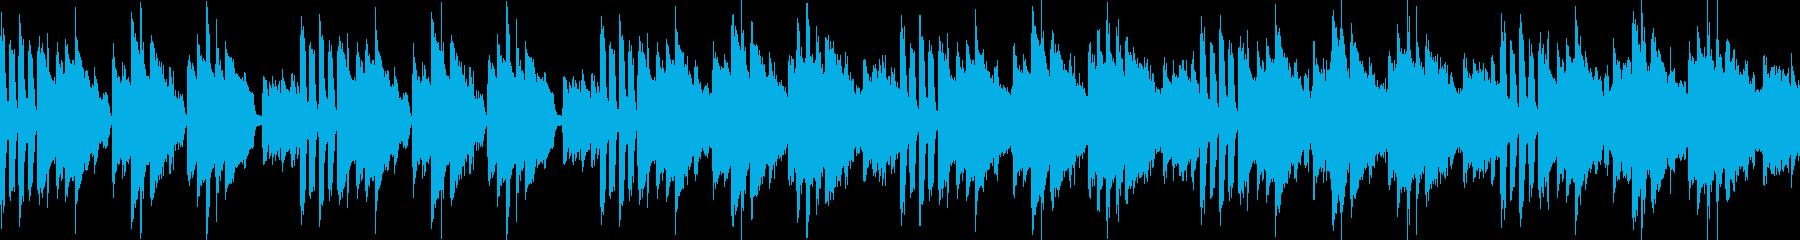 よろしくお願いしますな曲(ループ仕様)の再生済みの波形